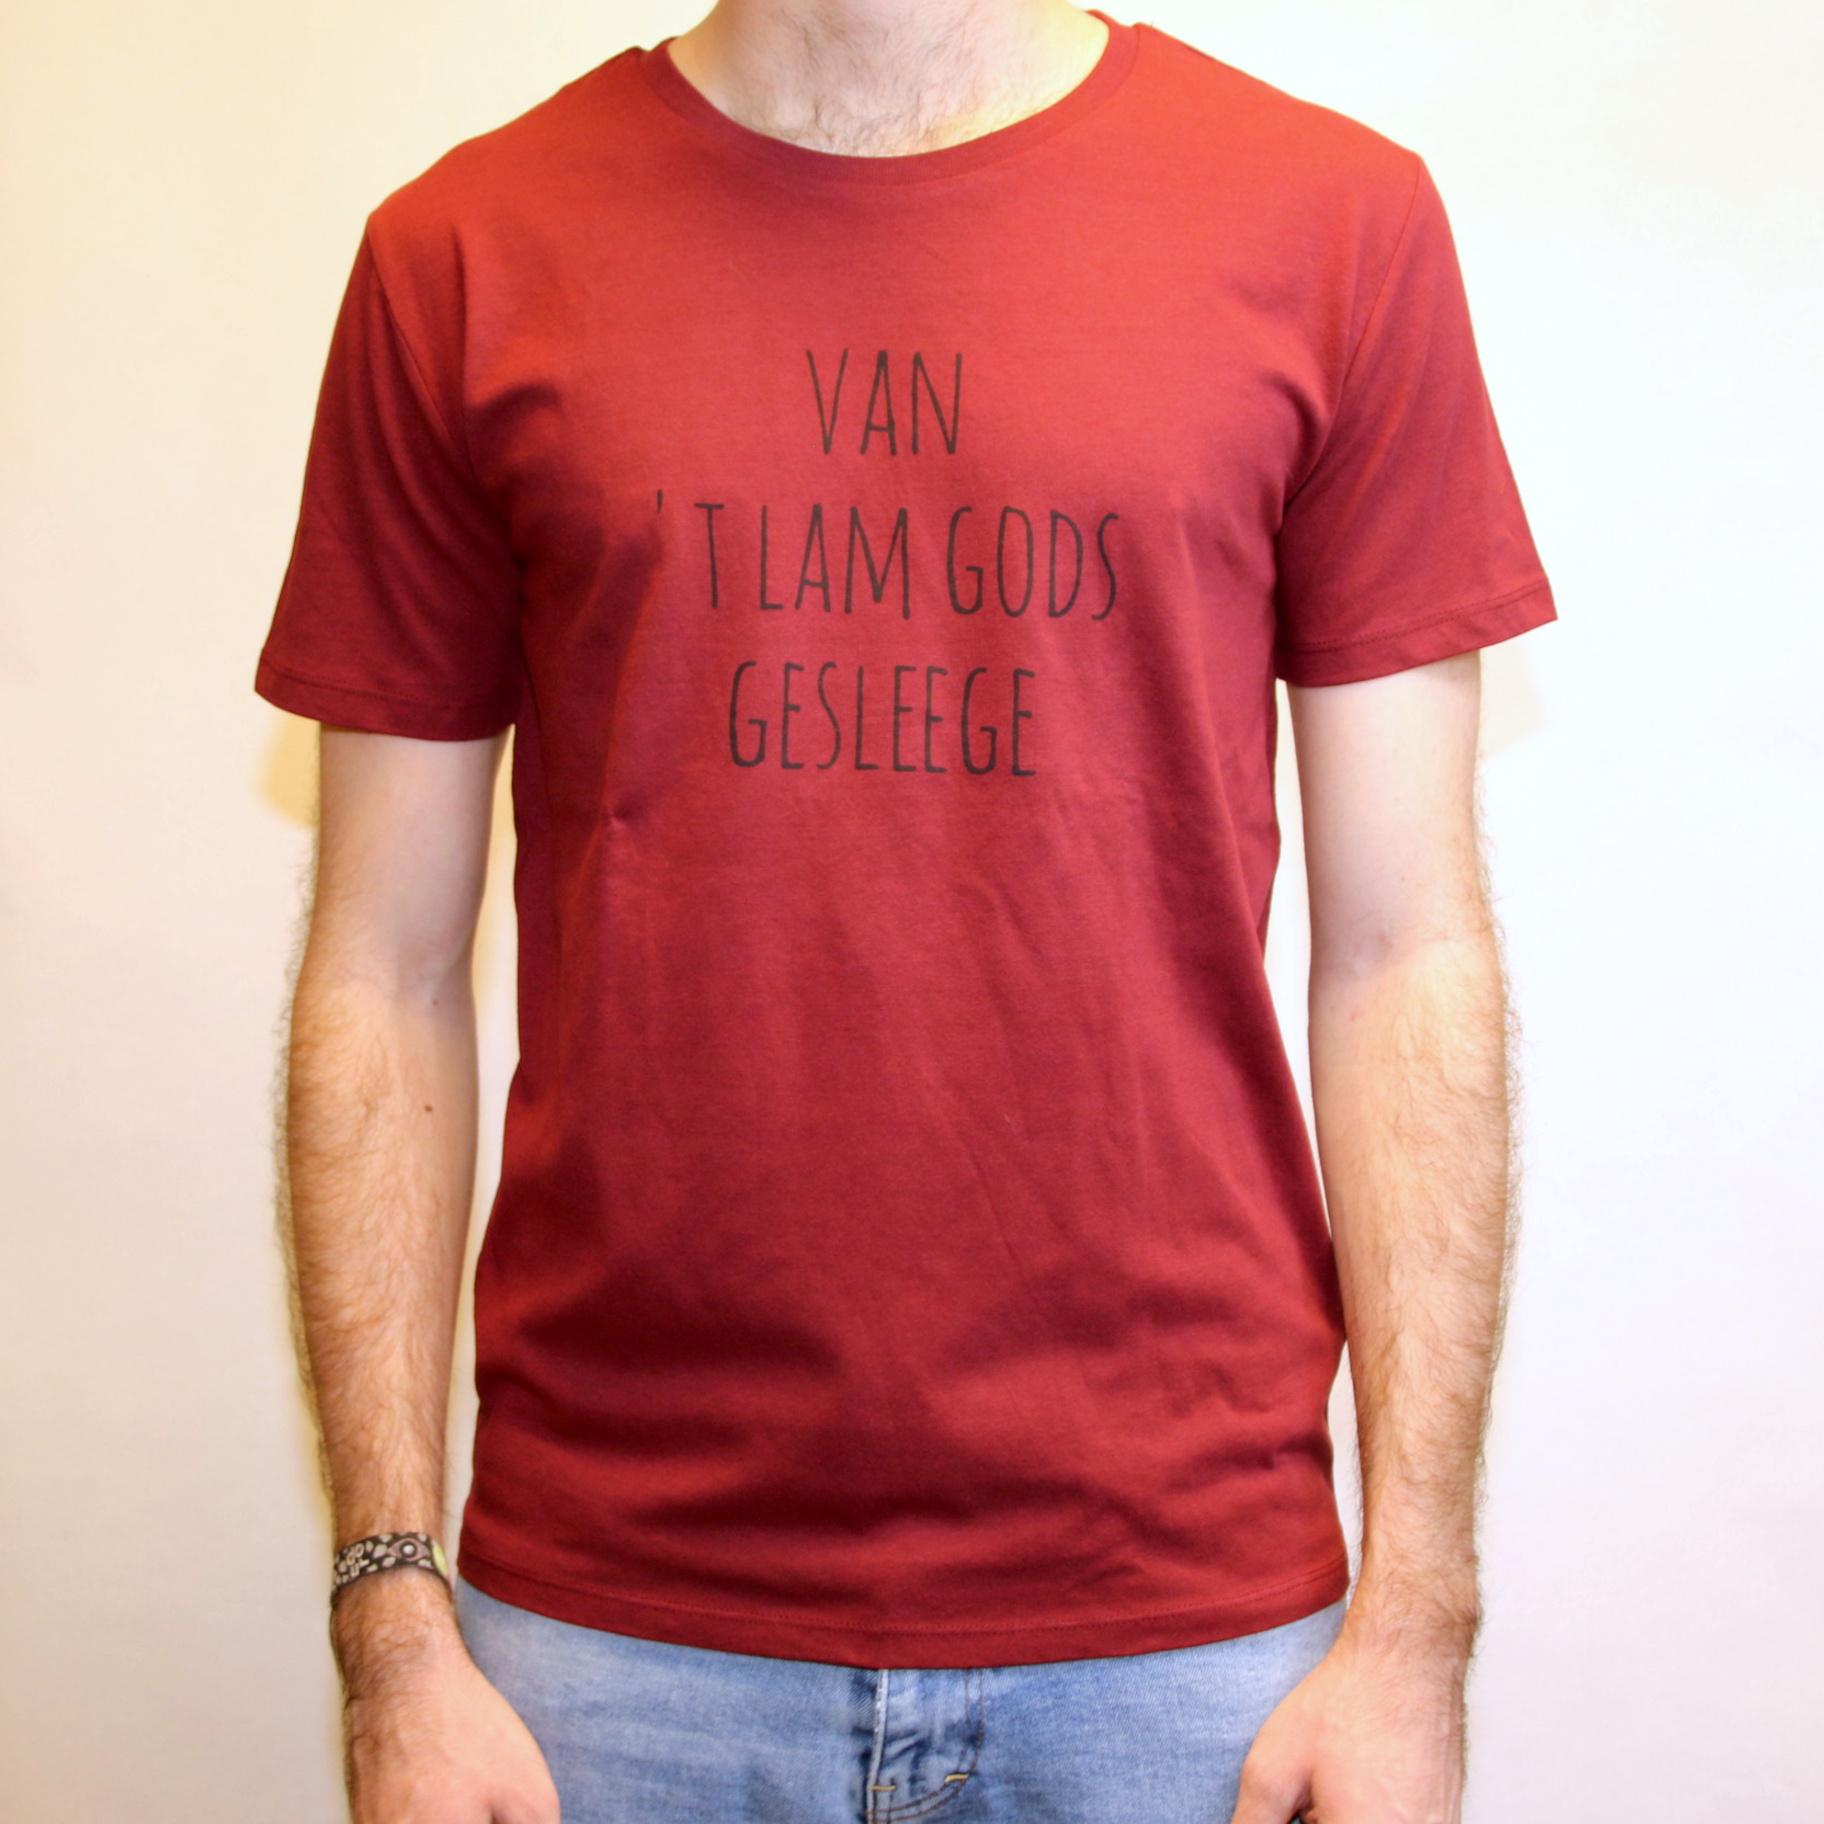 Negenduust T-shirt van 't Lam Gods gesleege mannenmodel bordeaux - Negenduust